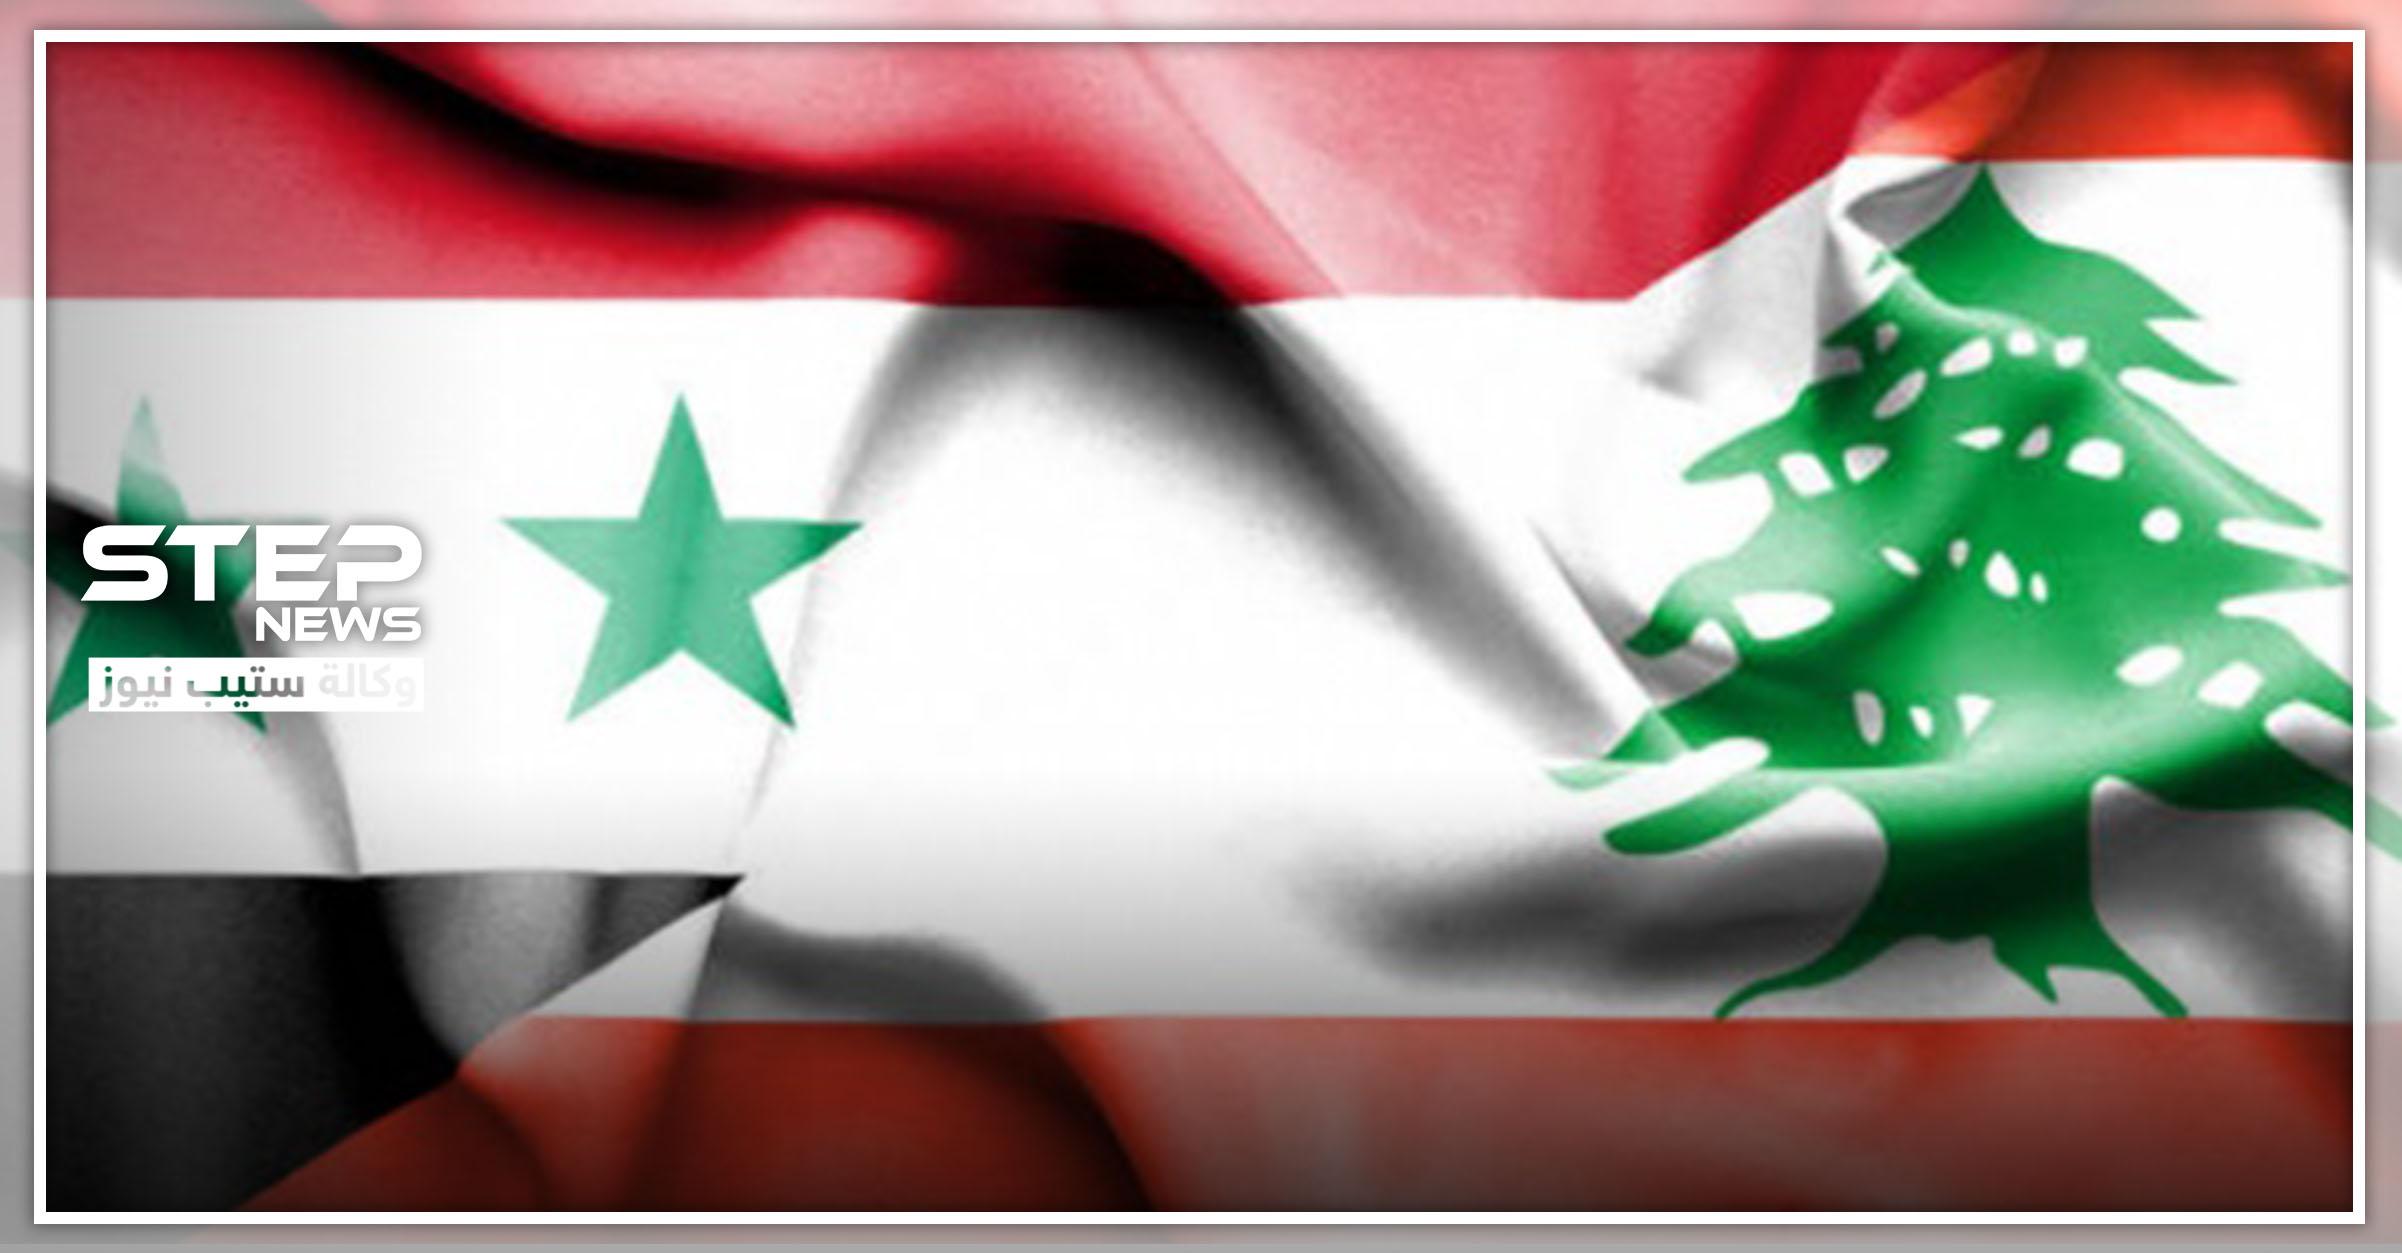 تقرير أمريكي يكشف الدور الذي لعبه النظام السوري بأكبر جريمة اغتيال في لبنان